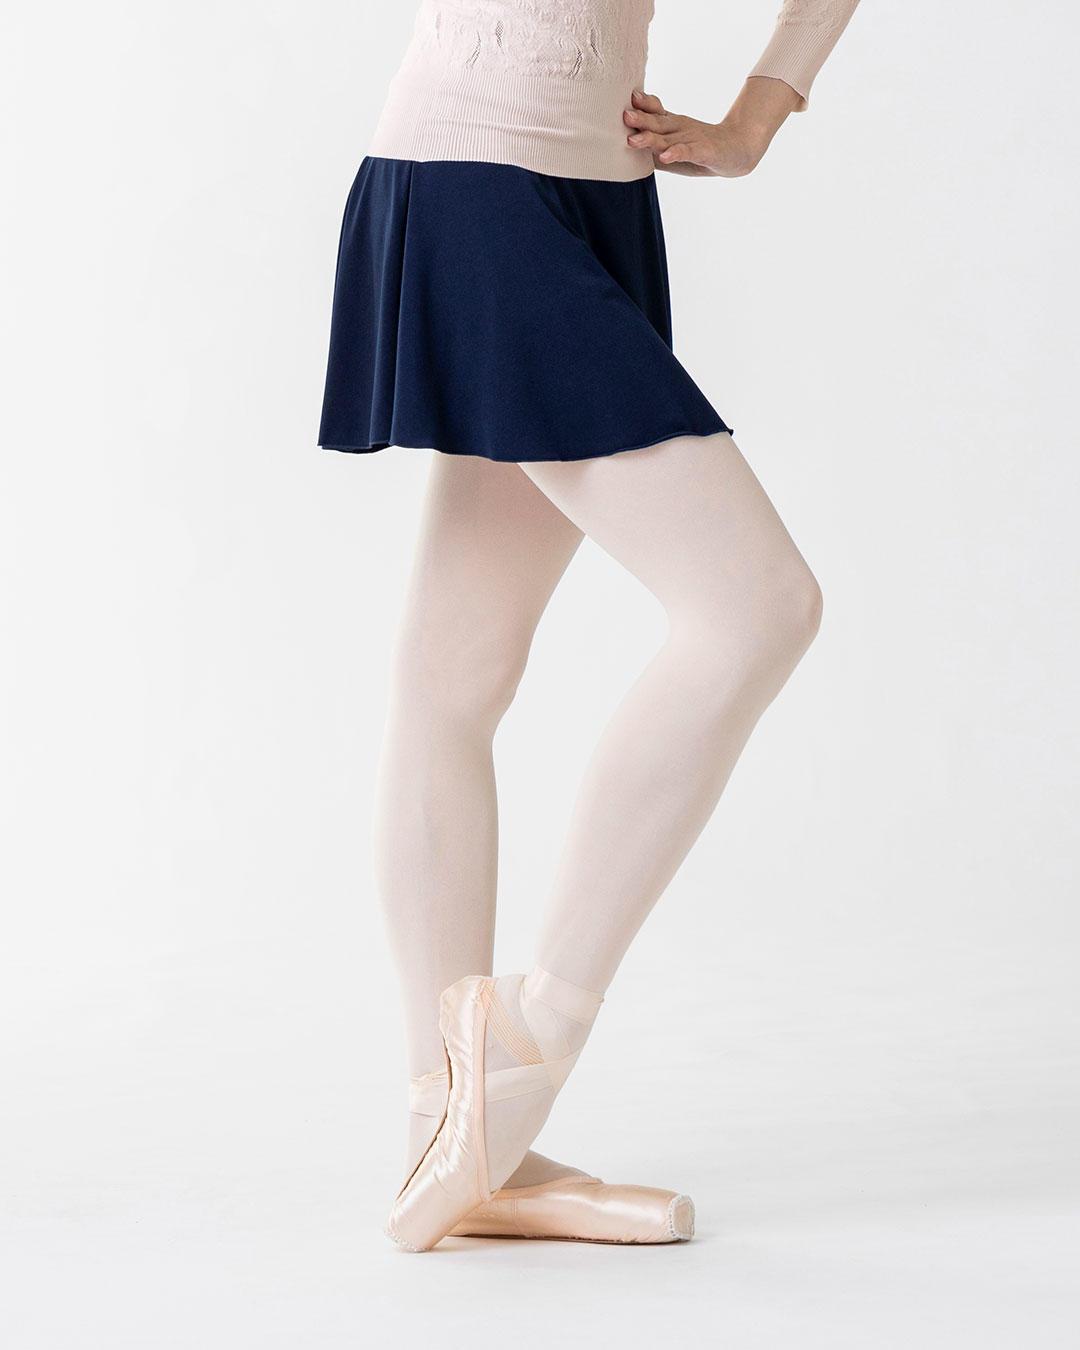 1207_skirt_with_pants_2.jpg